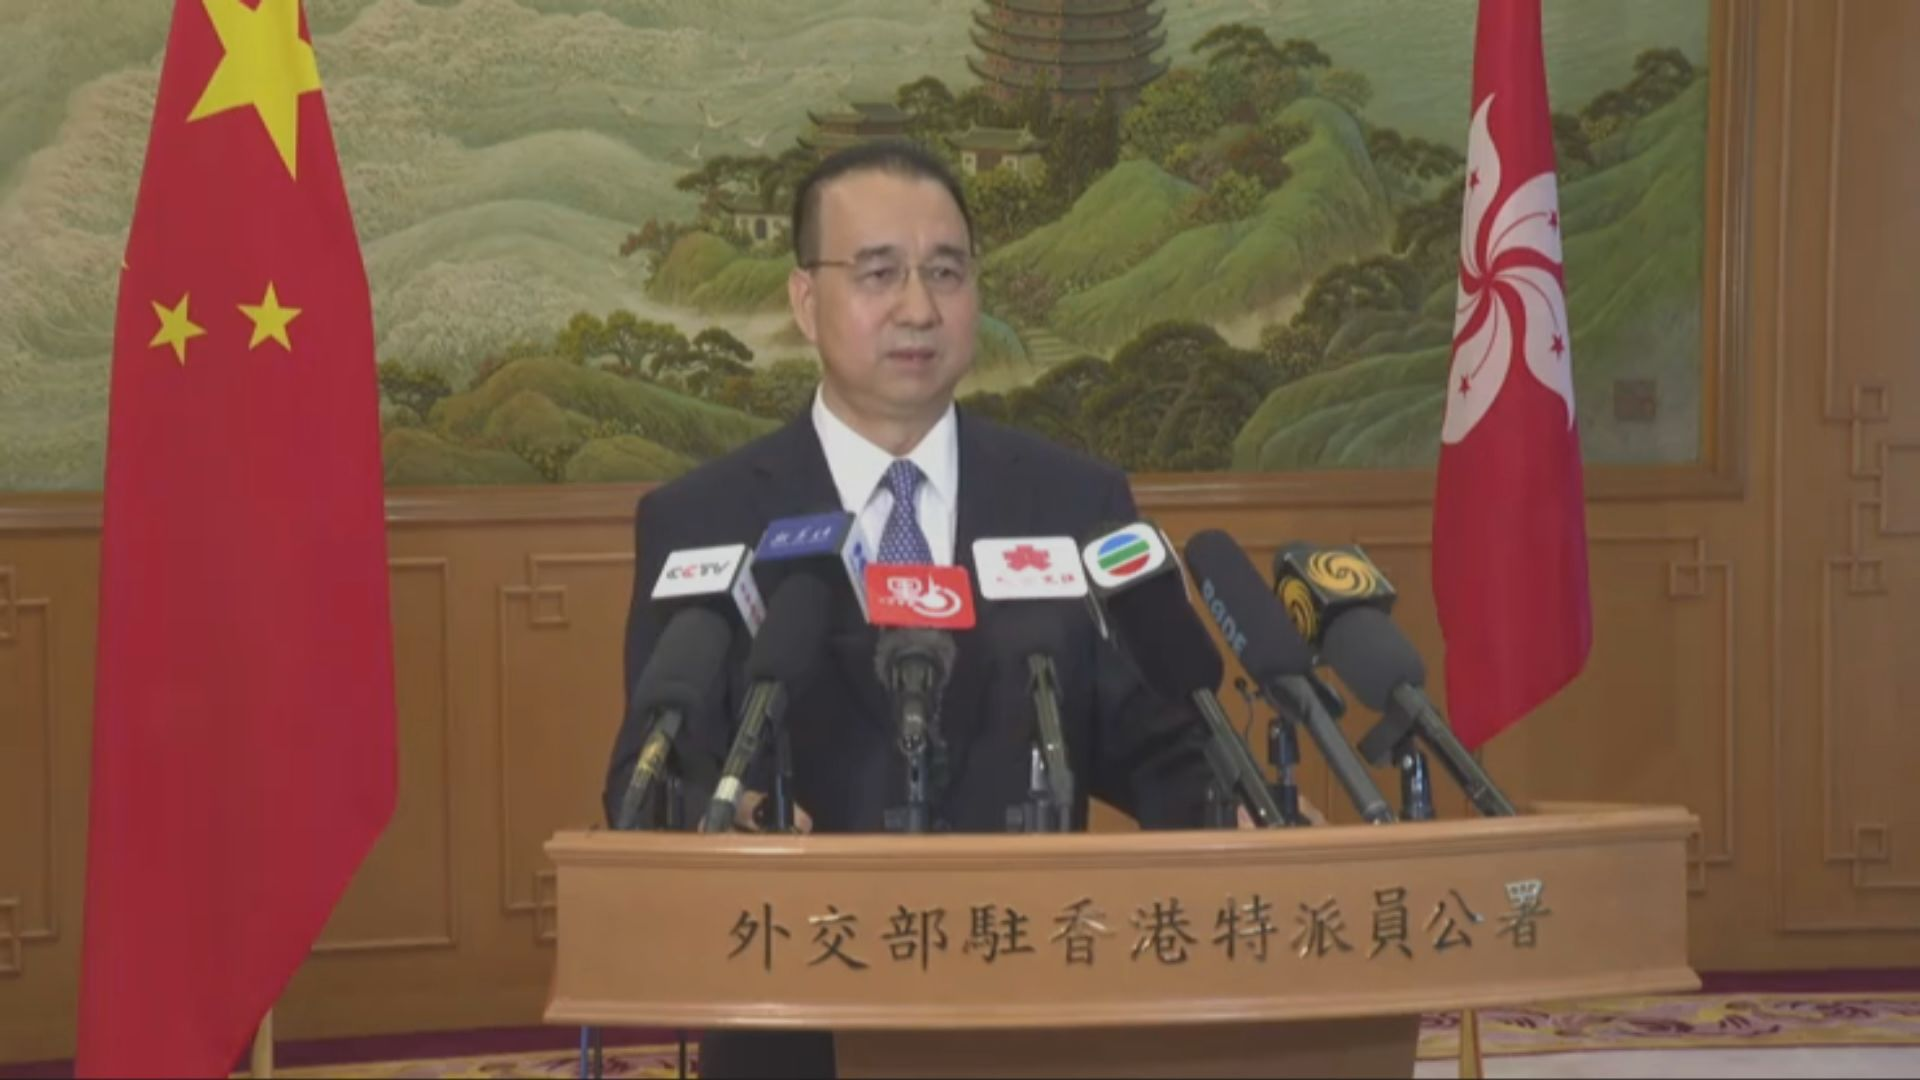 劉光源:香港國際金融中心地位穩固 大規模資金流出說法是危言聳聽